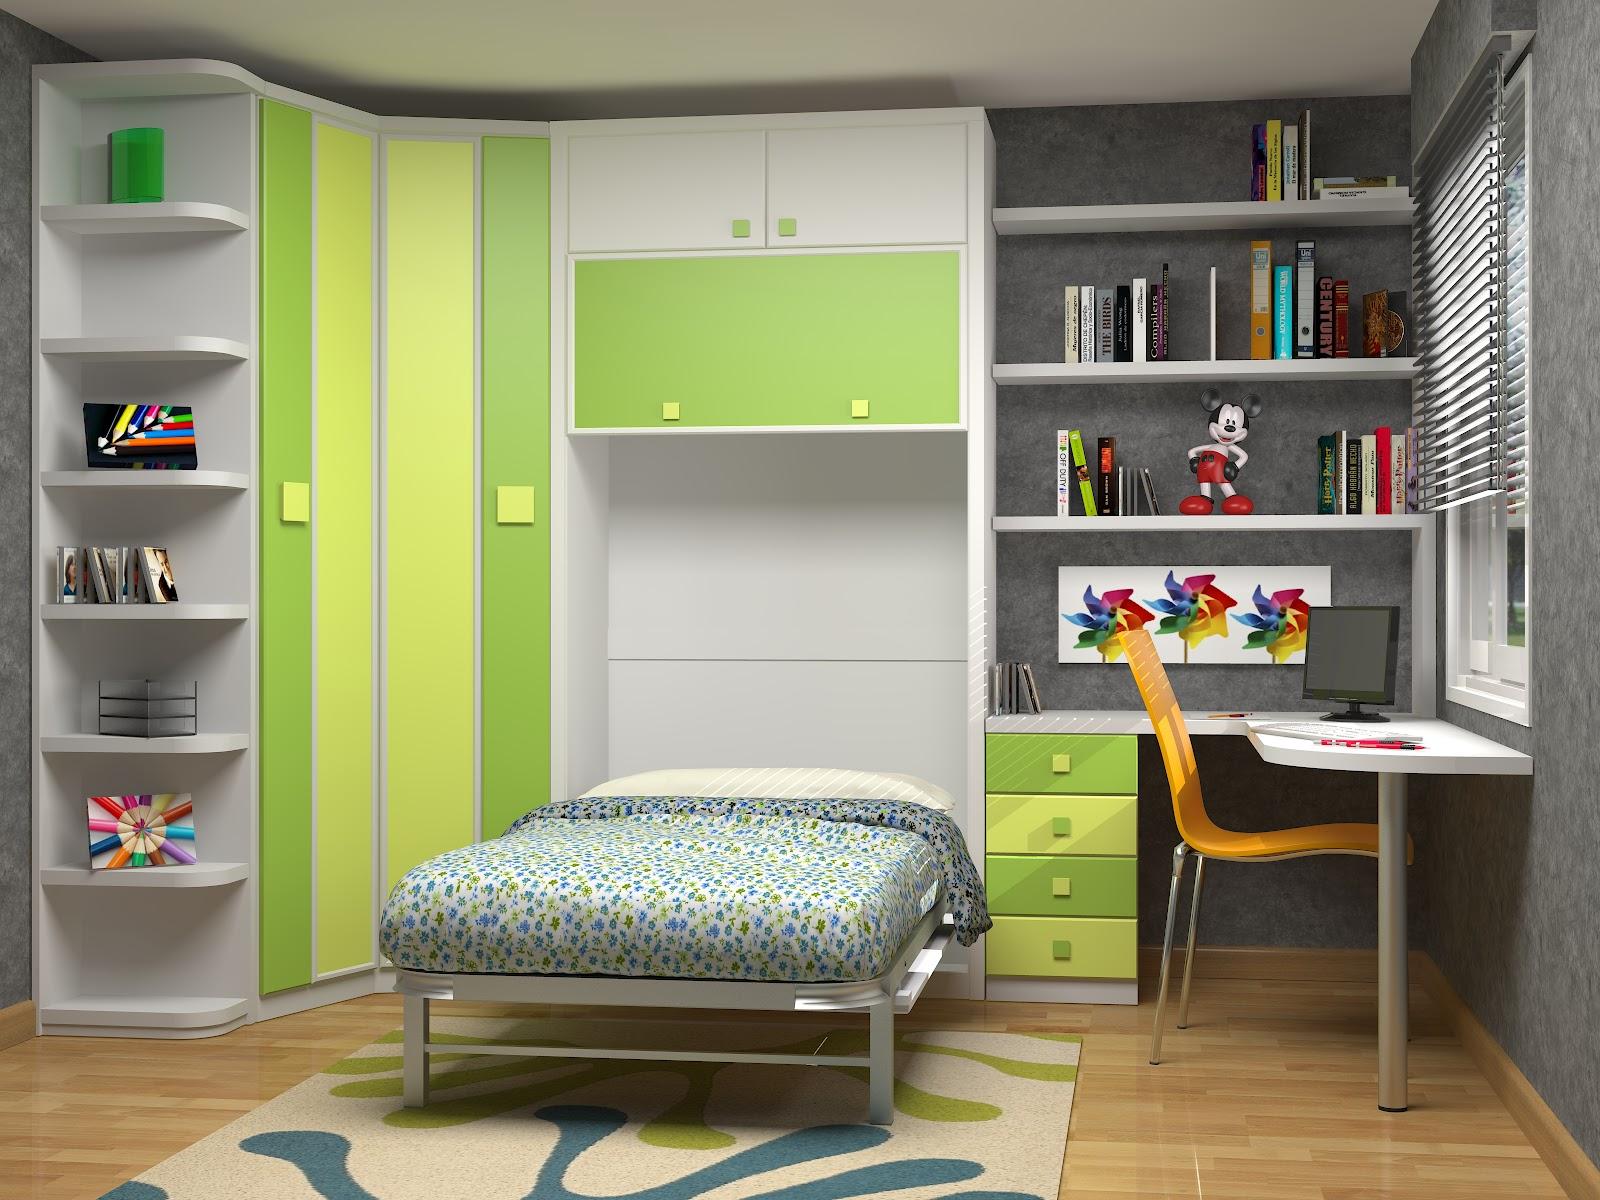 Muebles juveniles dormitorios infantiles y habitaciones juveniles en madrid 06 01 2012 07 - Habitaciones juveniles muebles tuco ...